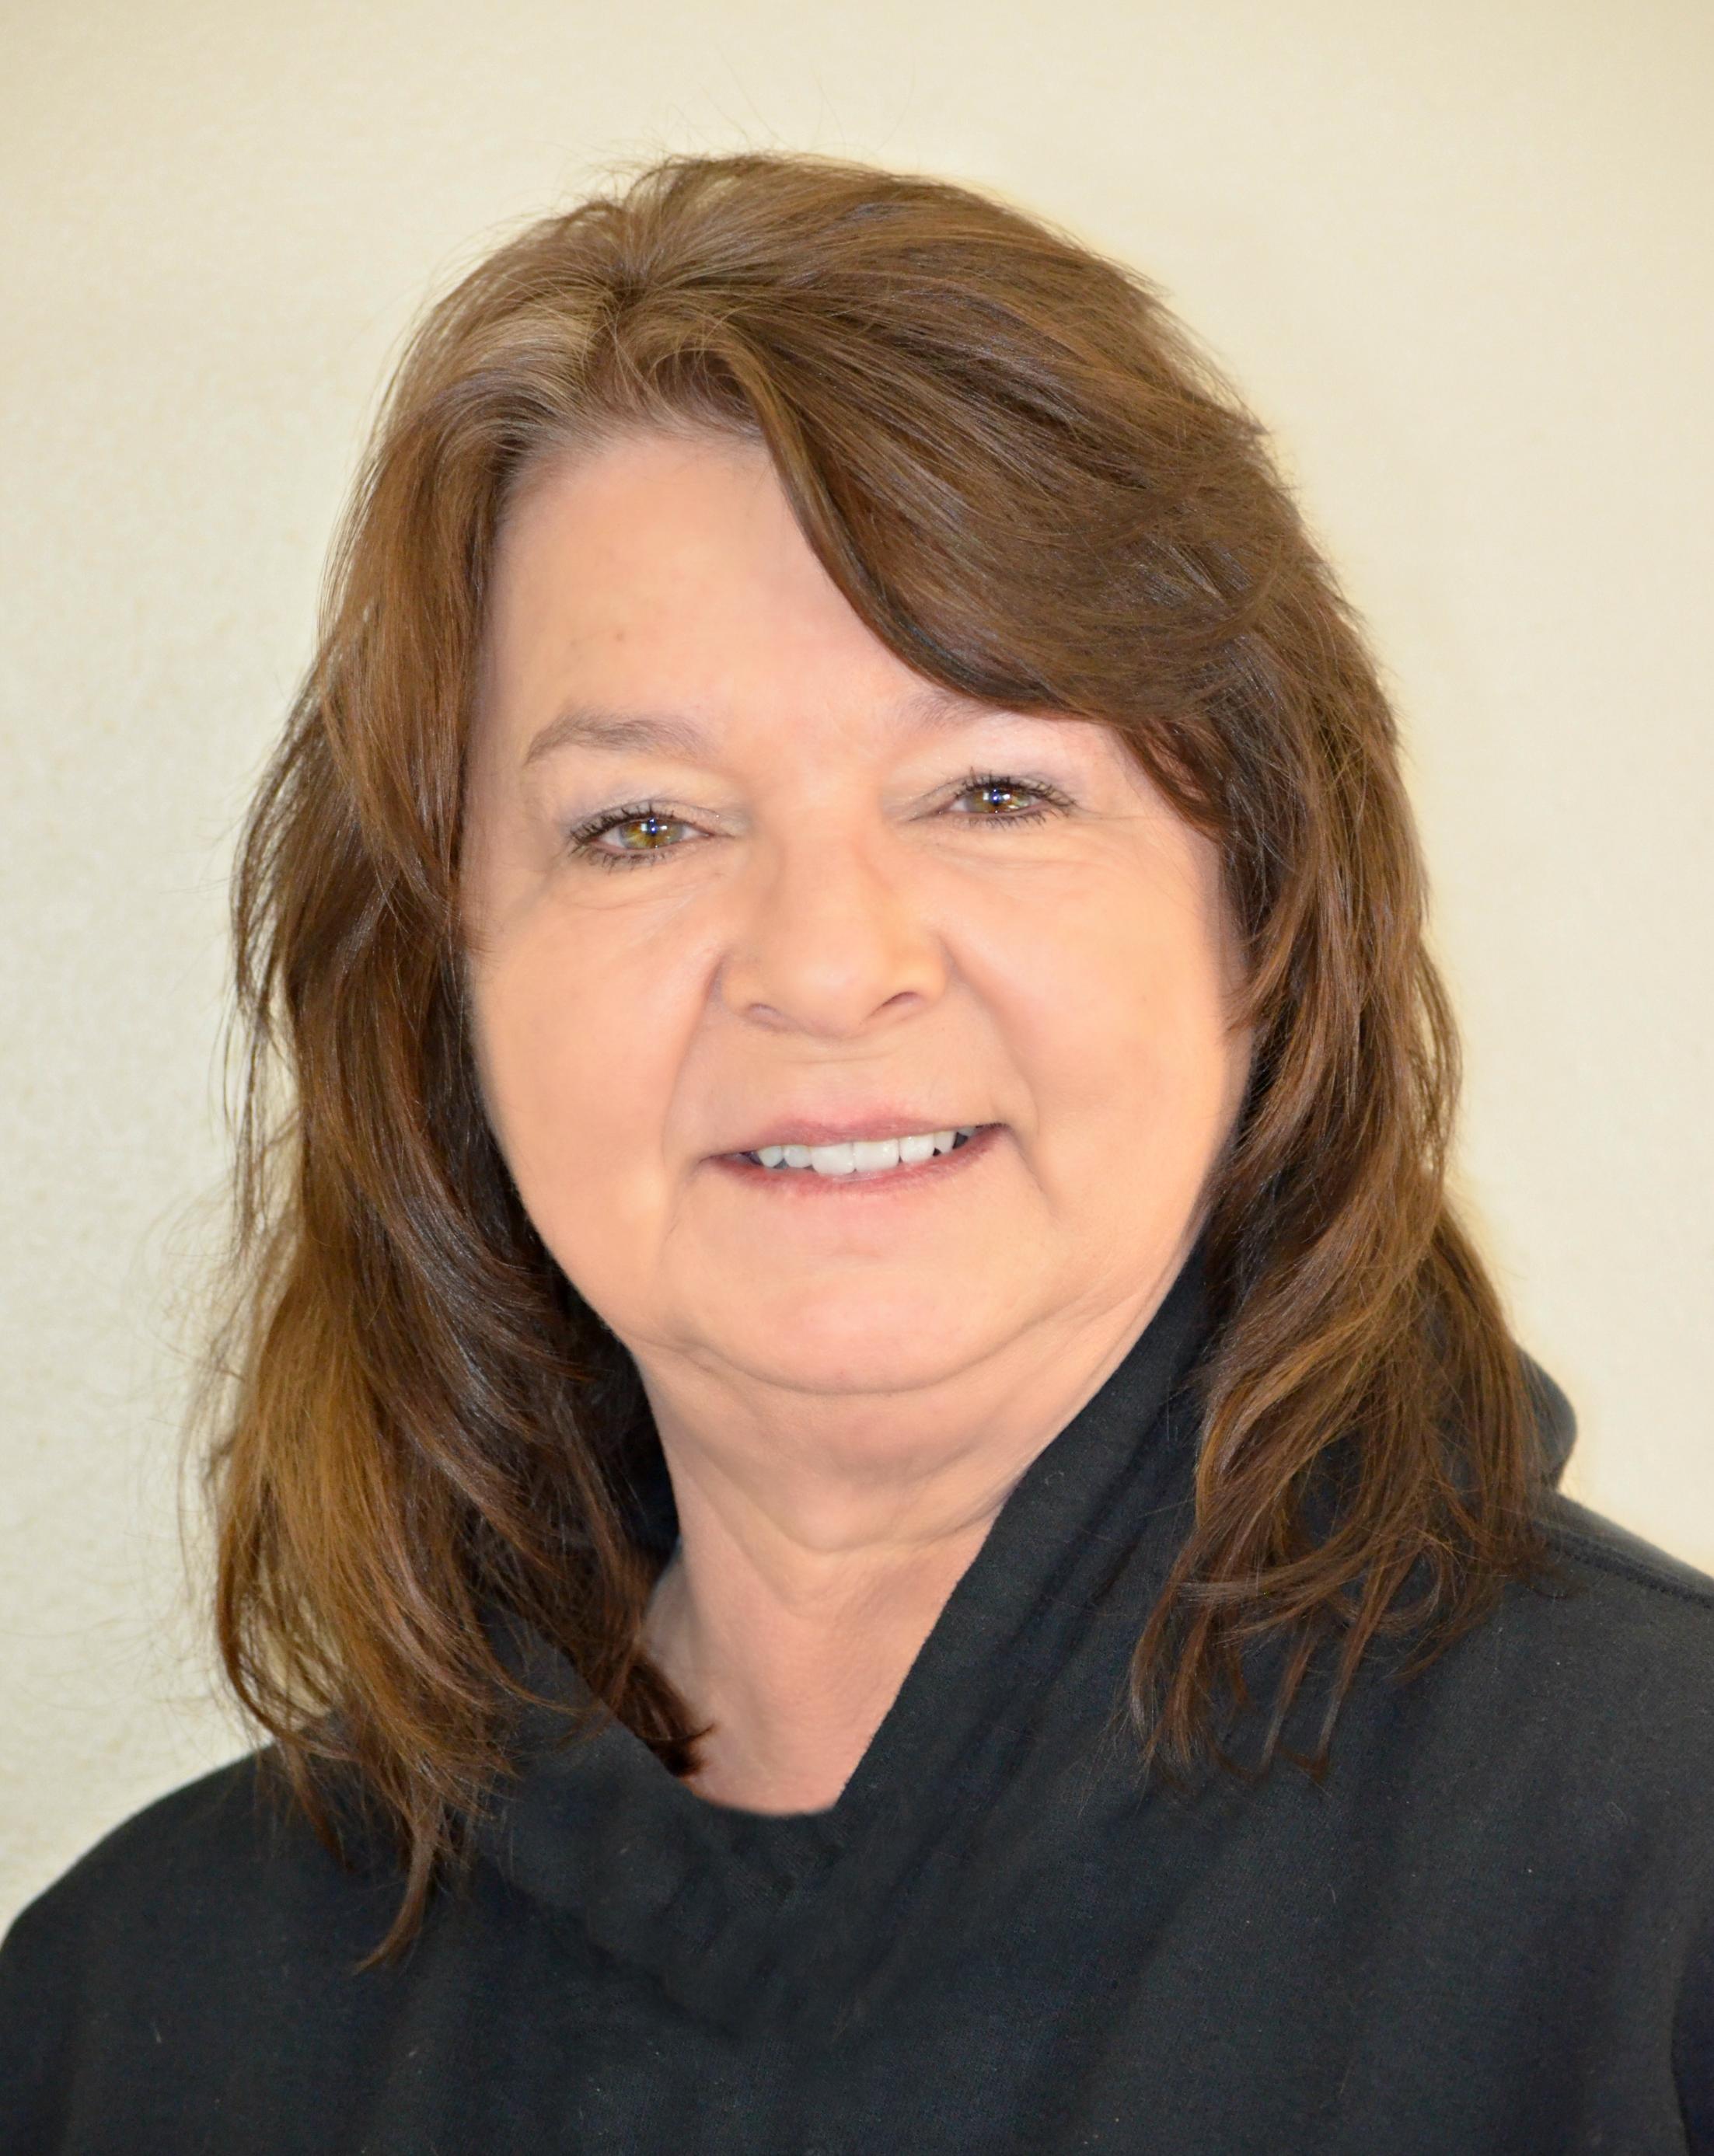 Sharon Brewton